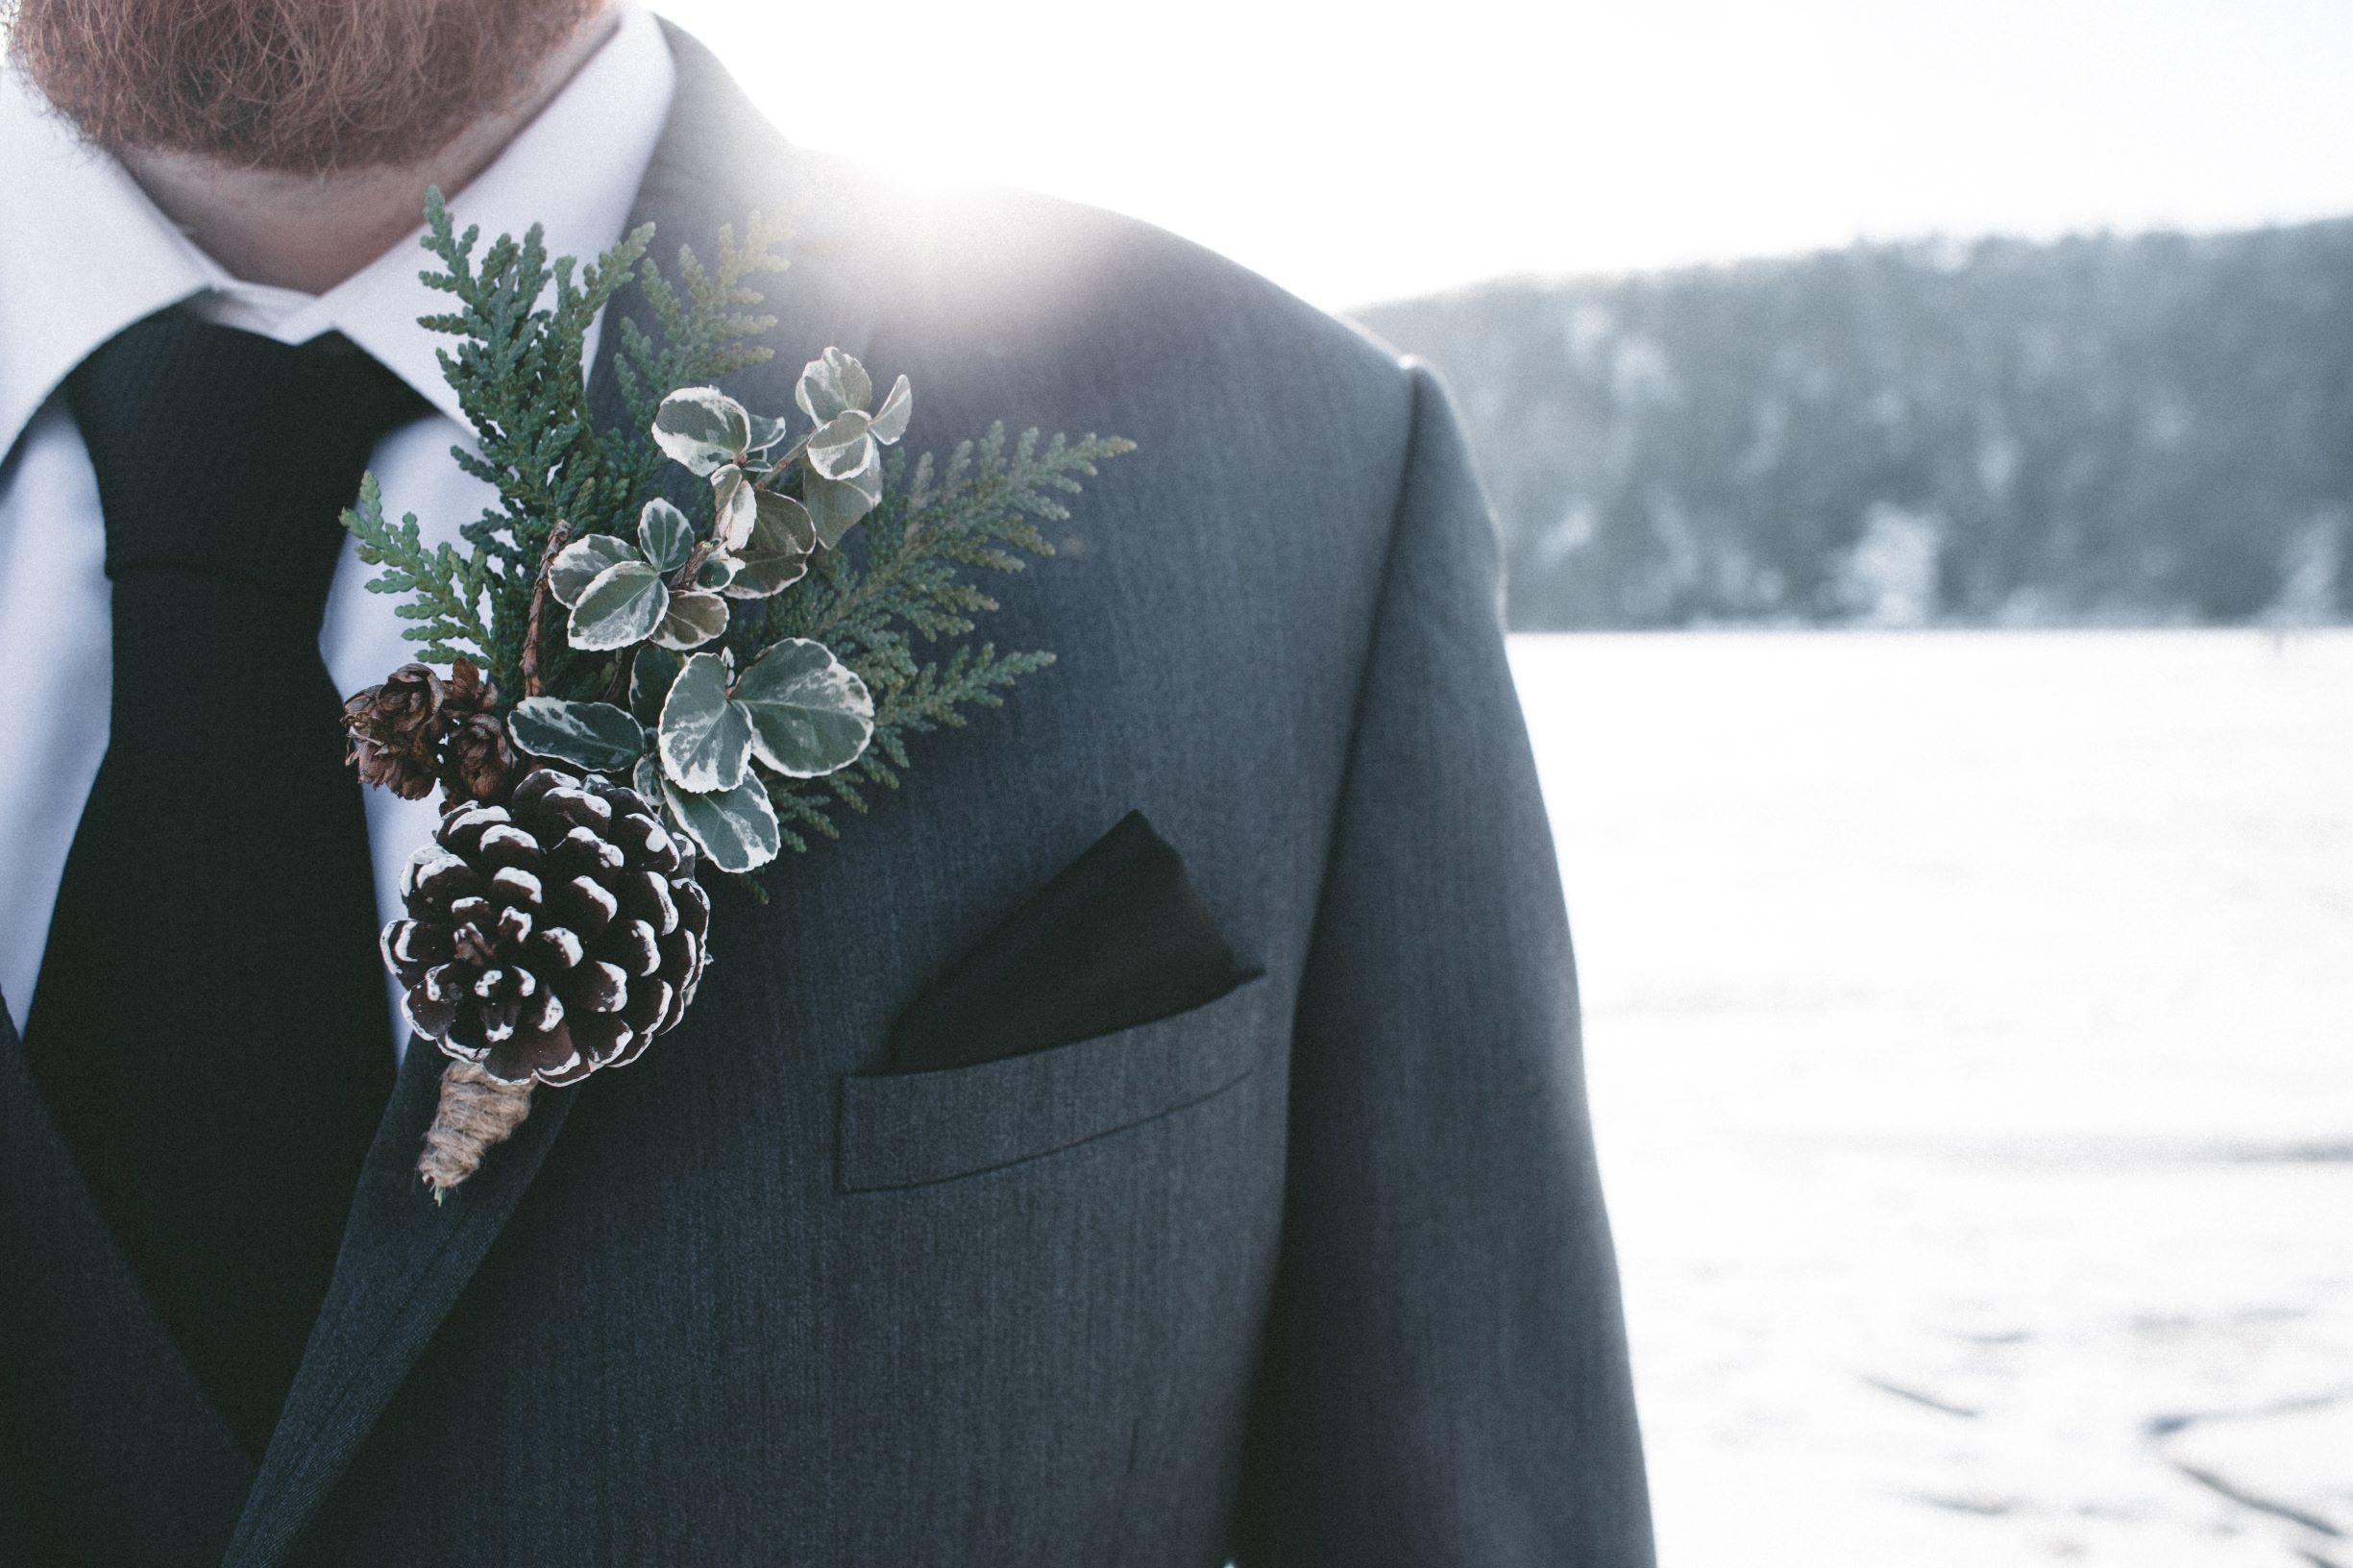 Winter Hochzeit Brautigam Outfits Brautigam Hochzeit Outfits Winter In 2020 Winterbraut Wedding Winter Hochzeit Brautigam